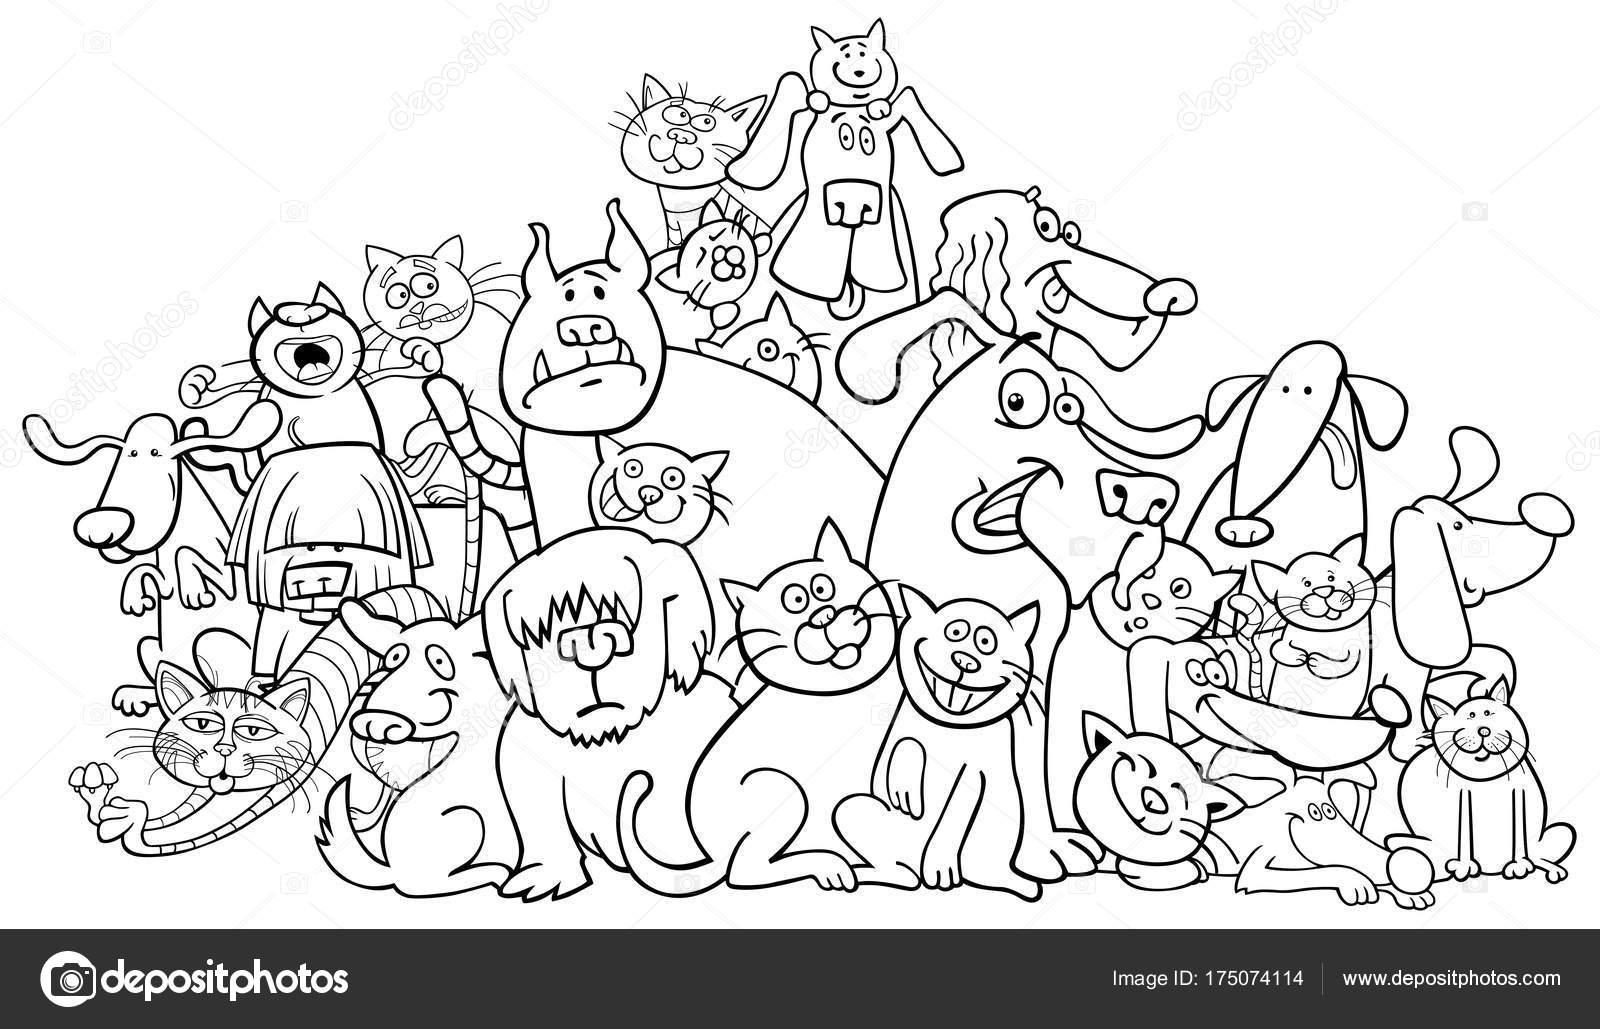 dibujos animados de perros y gatos para colorear libro — Archivo ...